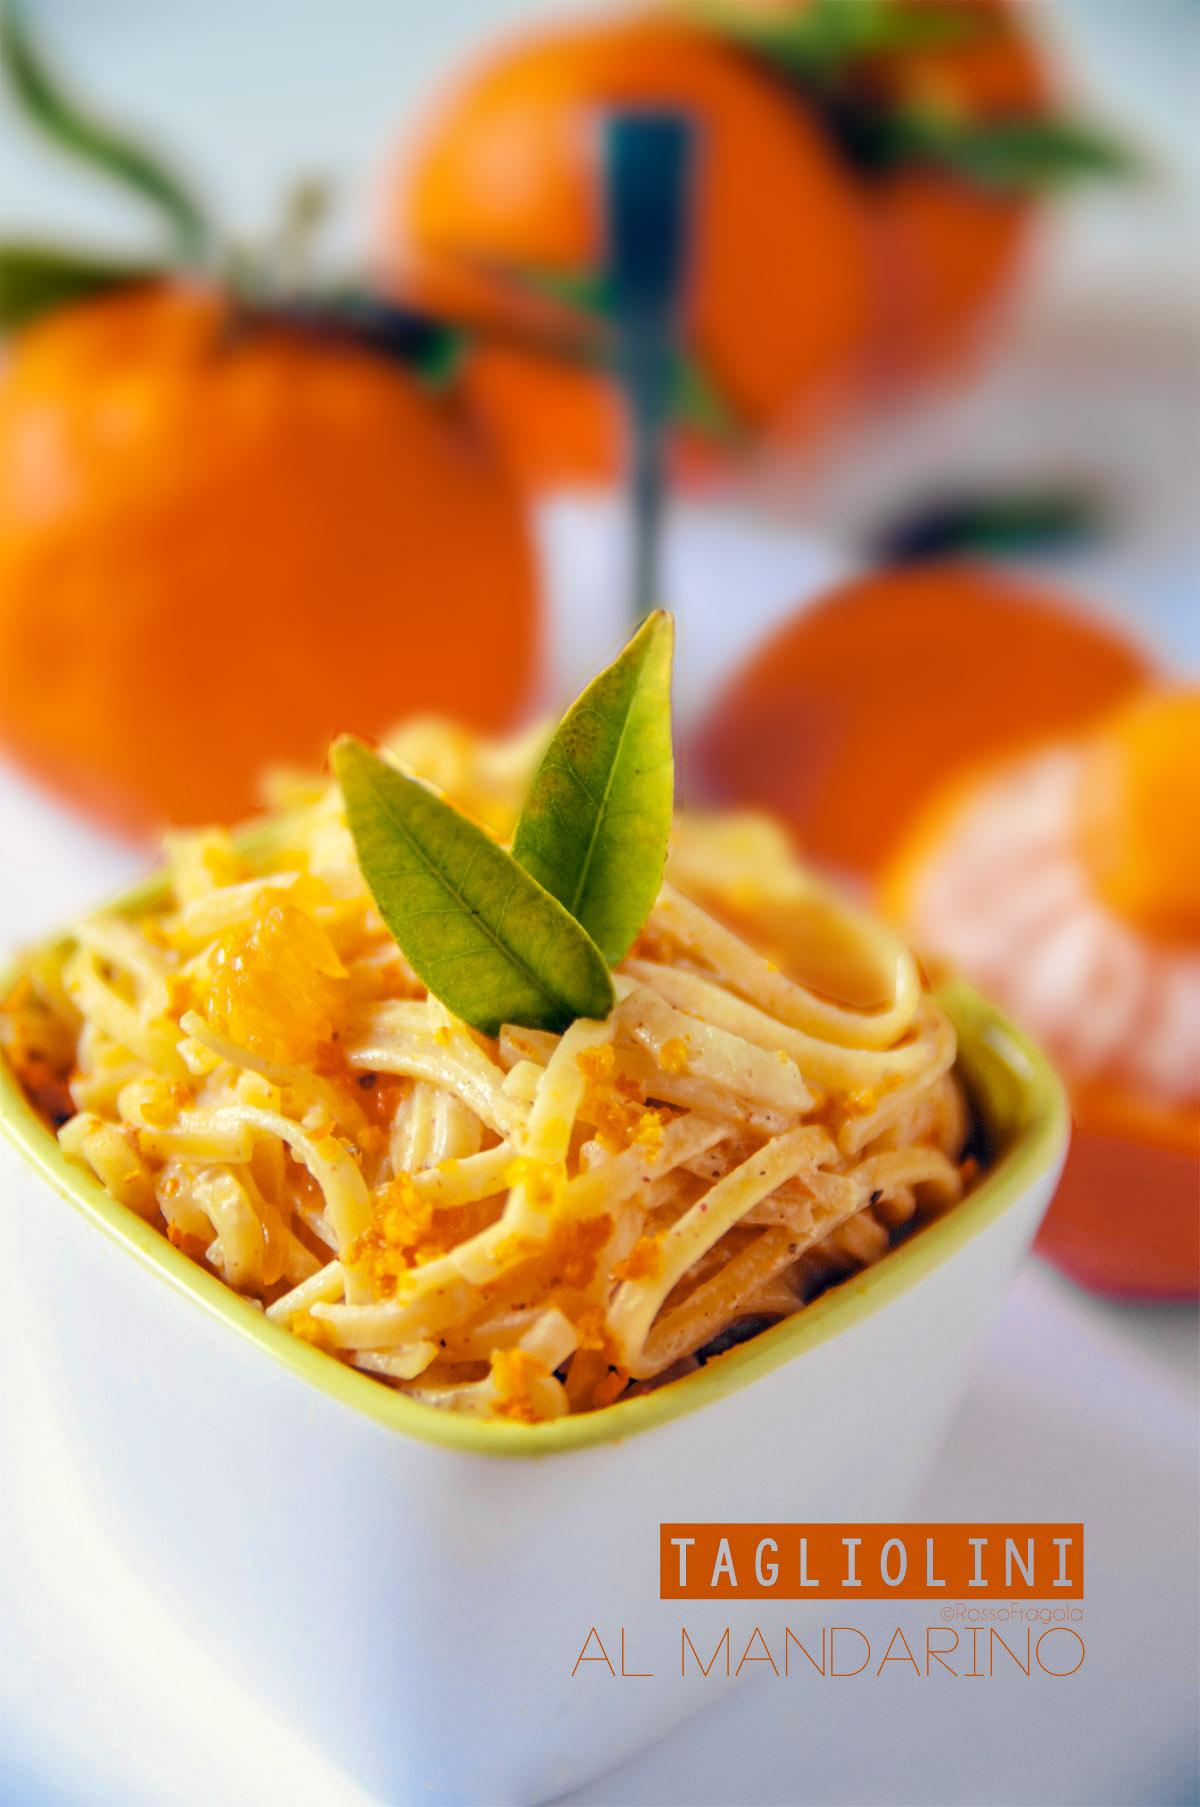 Tagliolini al mandarino di Sicilia